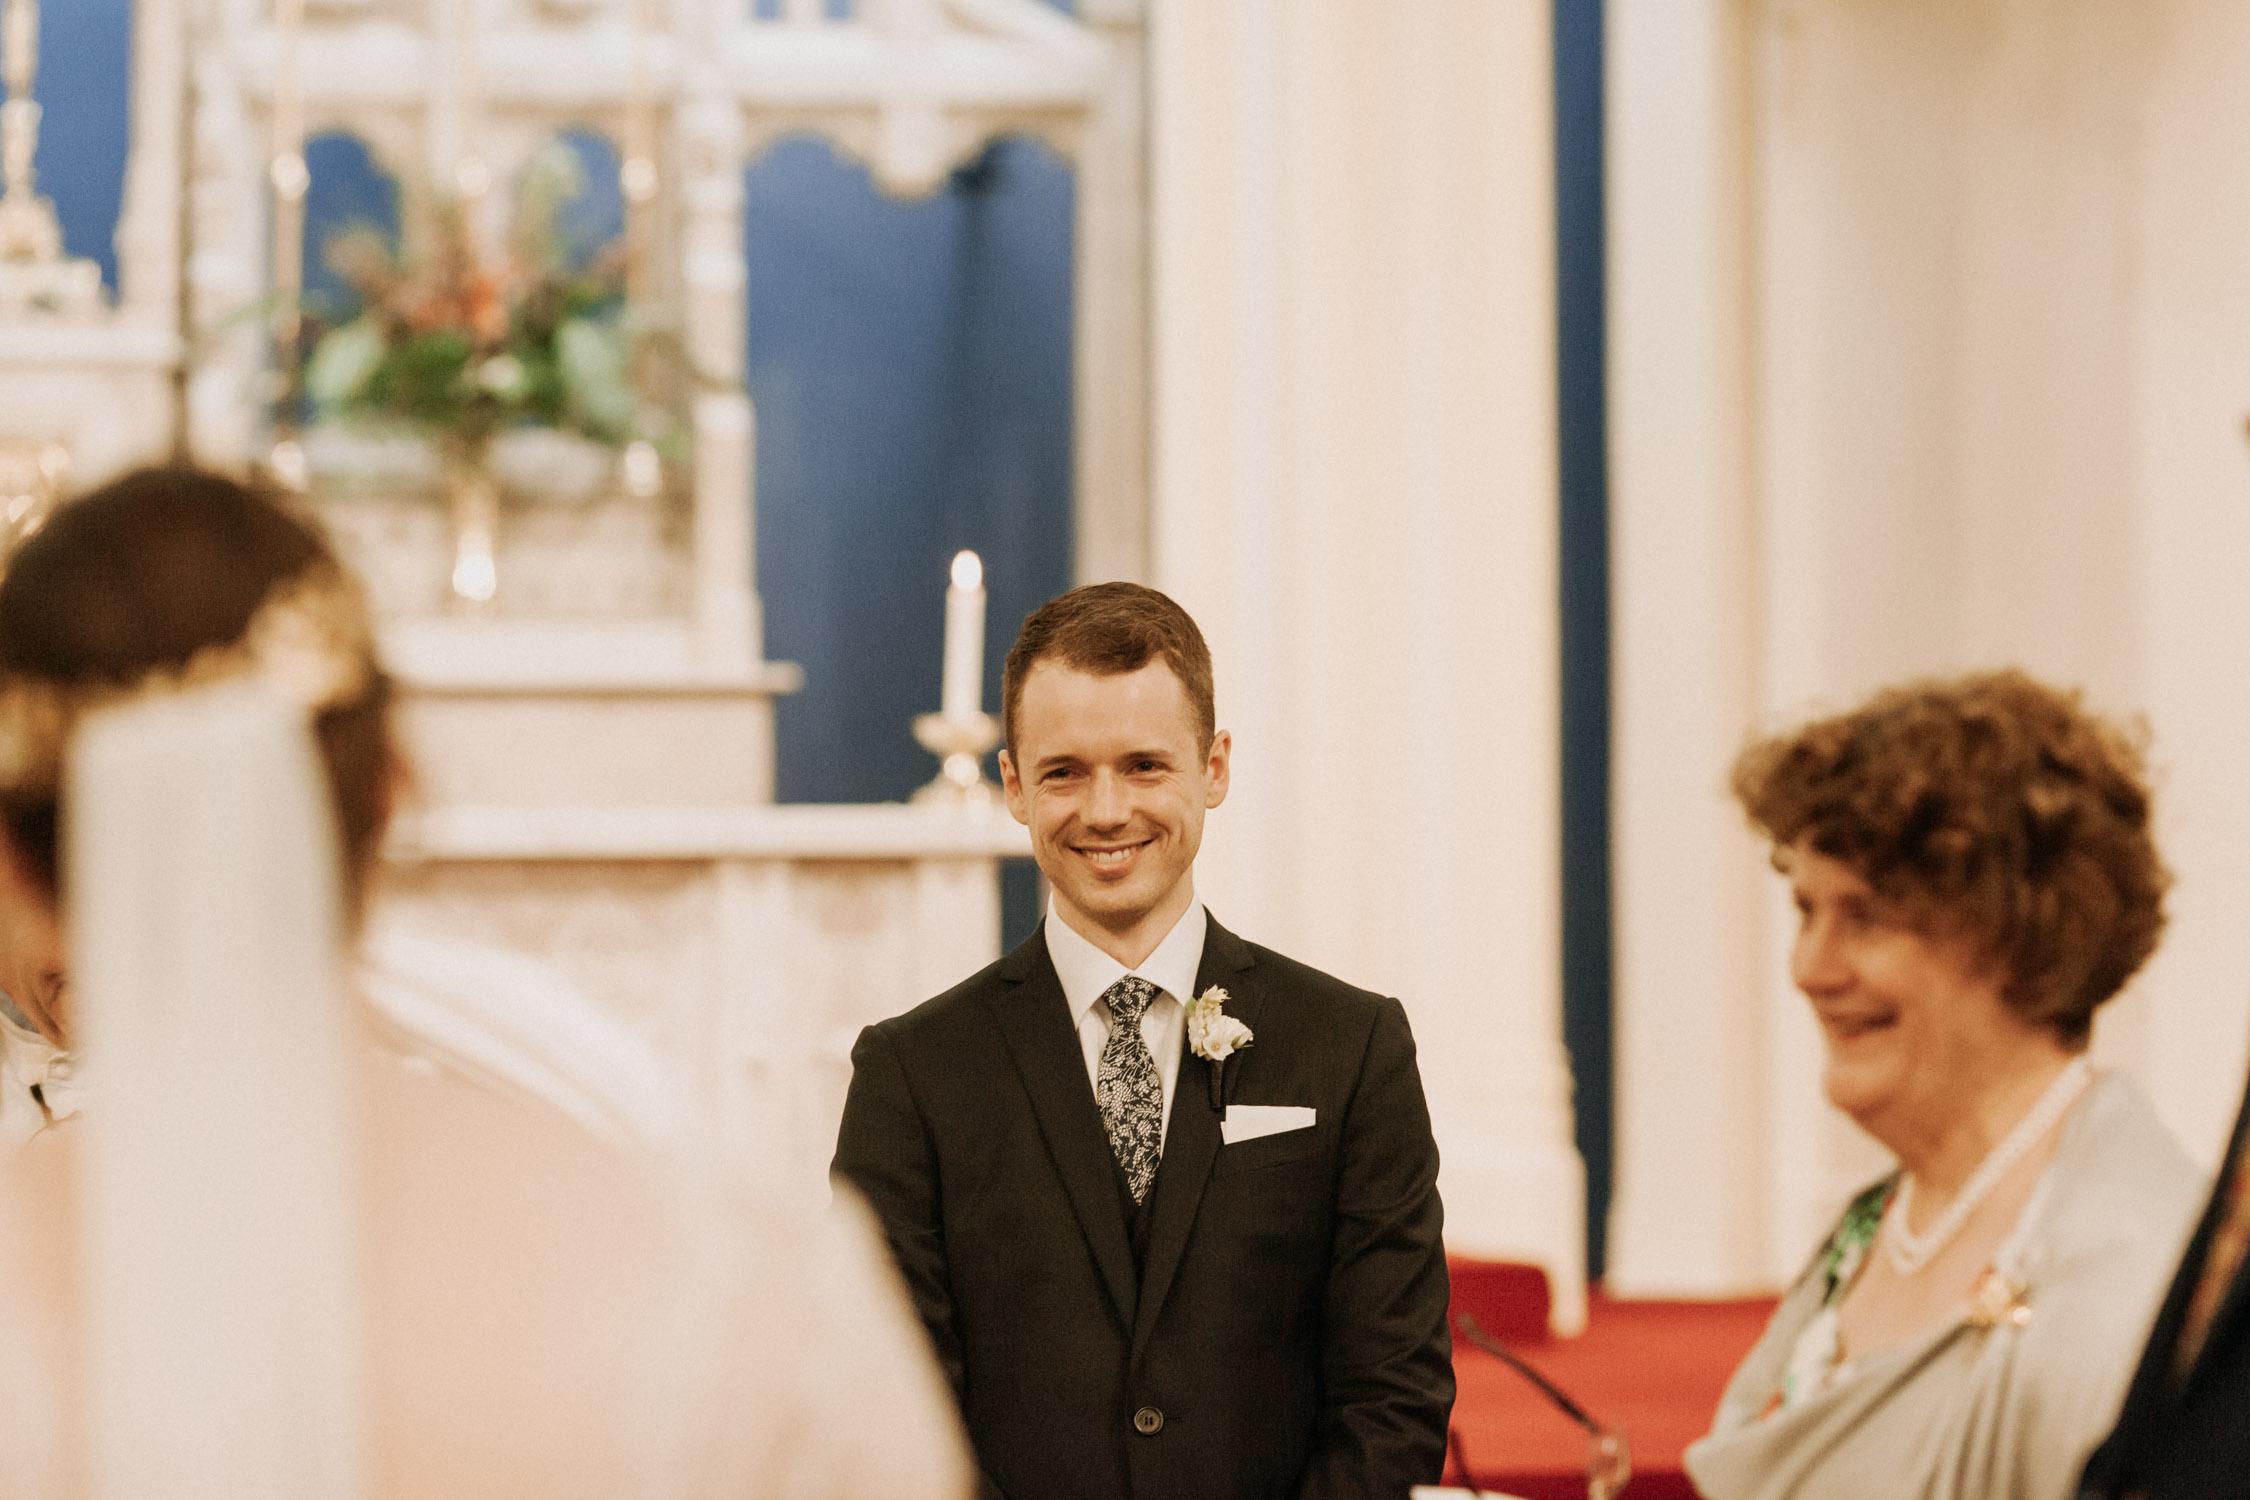 Groom seeing his bride walk down the aisle